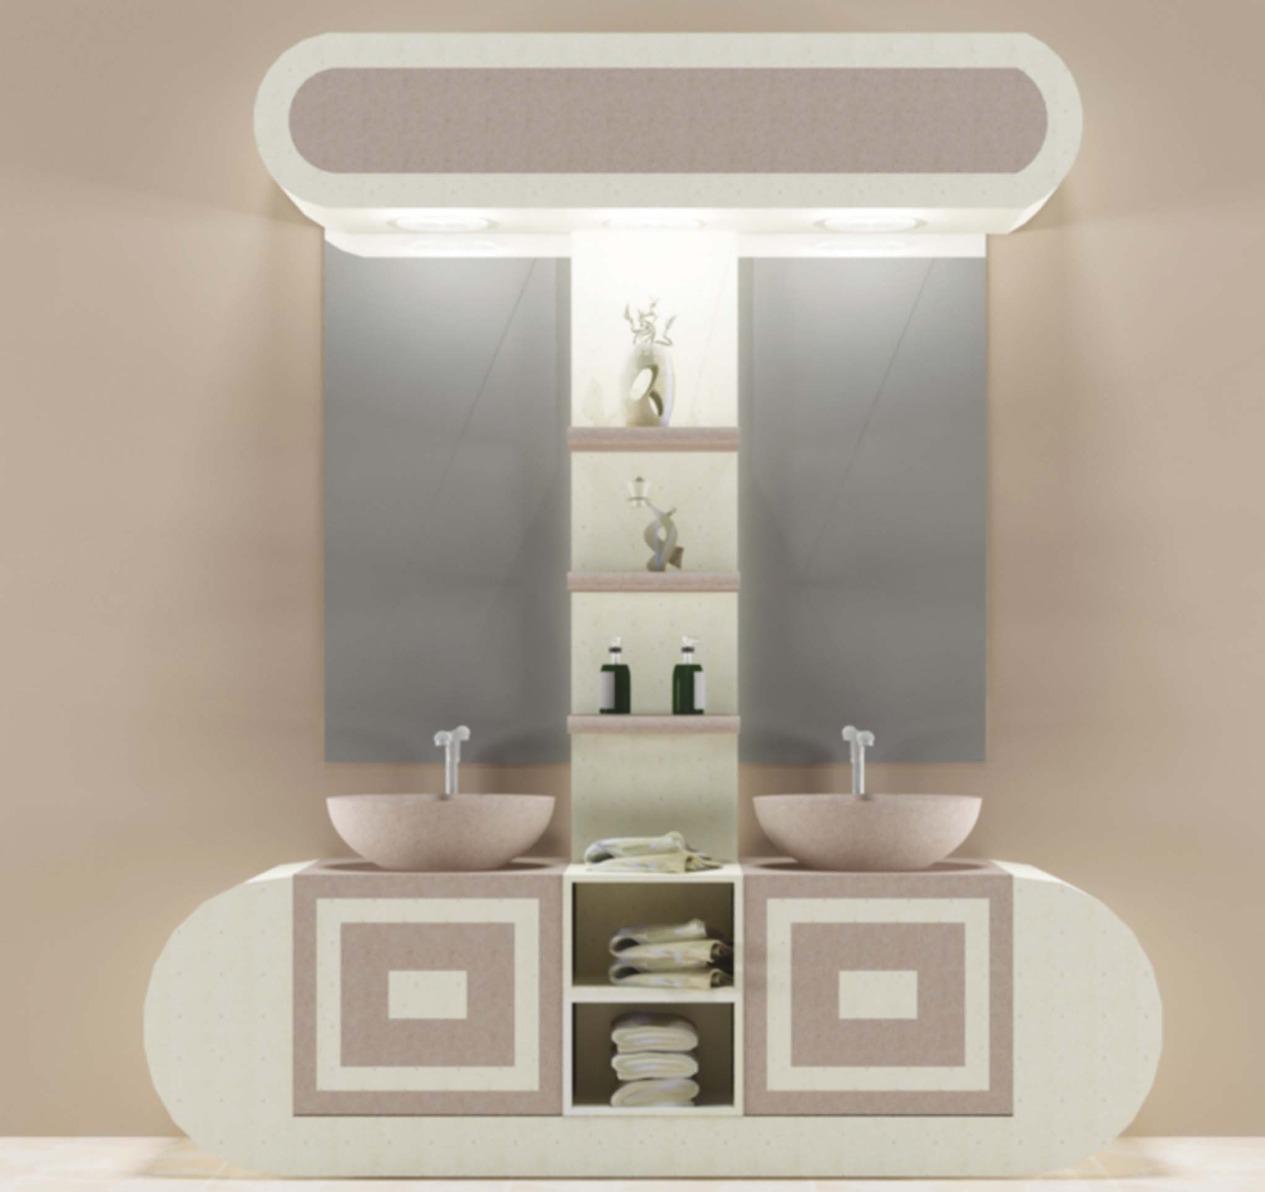 صورة ديكورات مغاسل يدين , اشيك صيحات احواض متنوعه